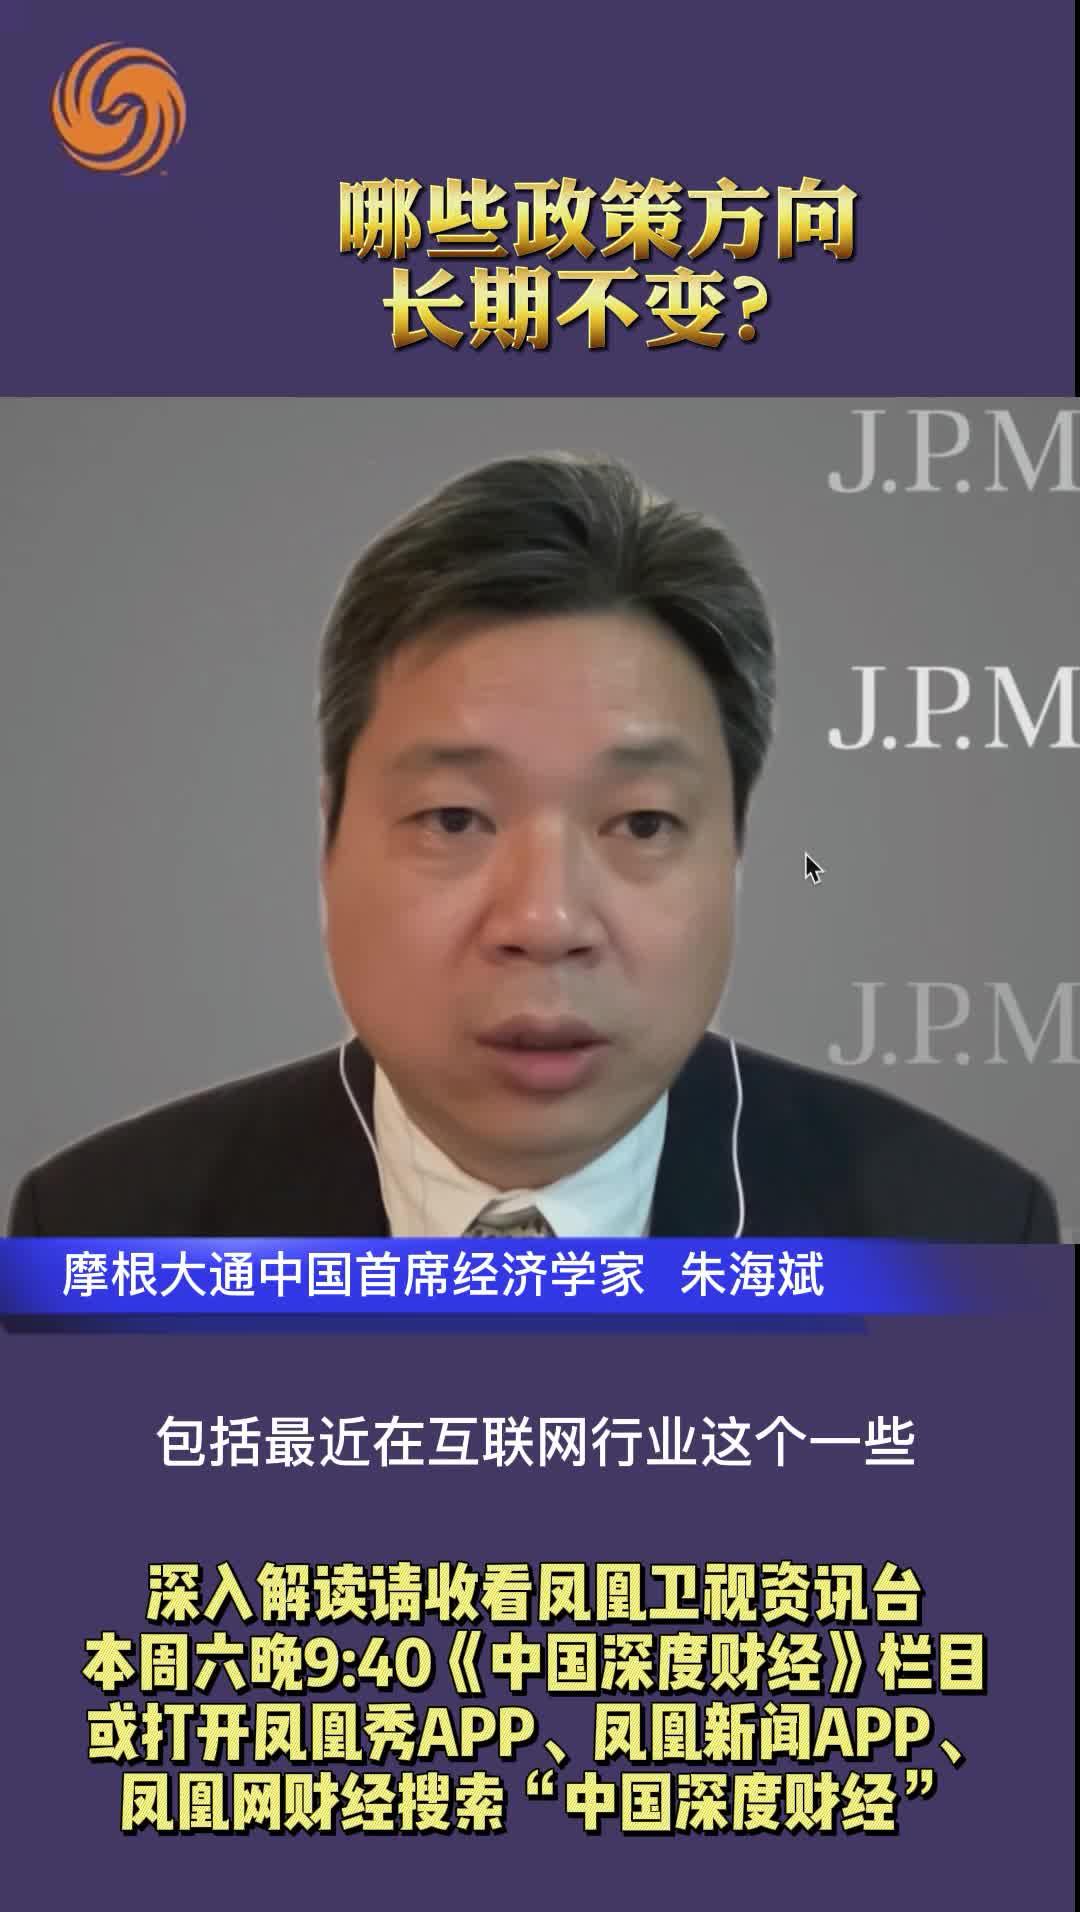 摩根大通中国首席经济学家朱海斌:哪些政策方向长期不变?